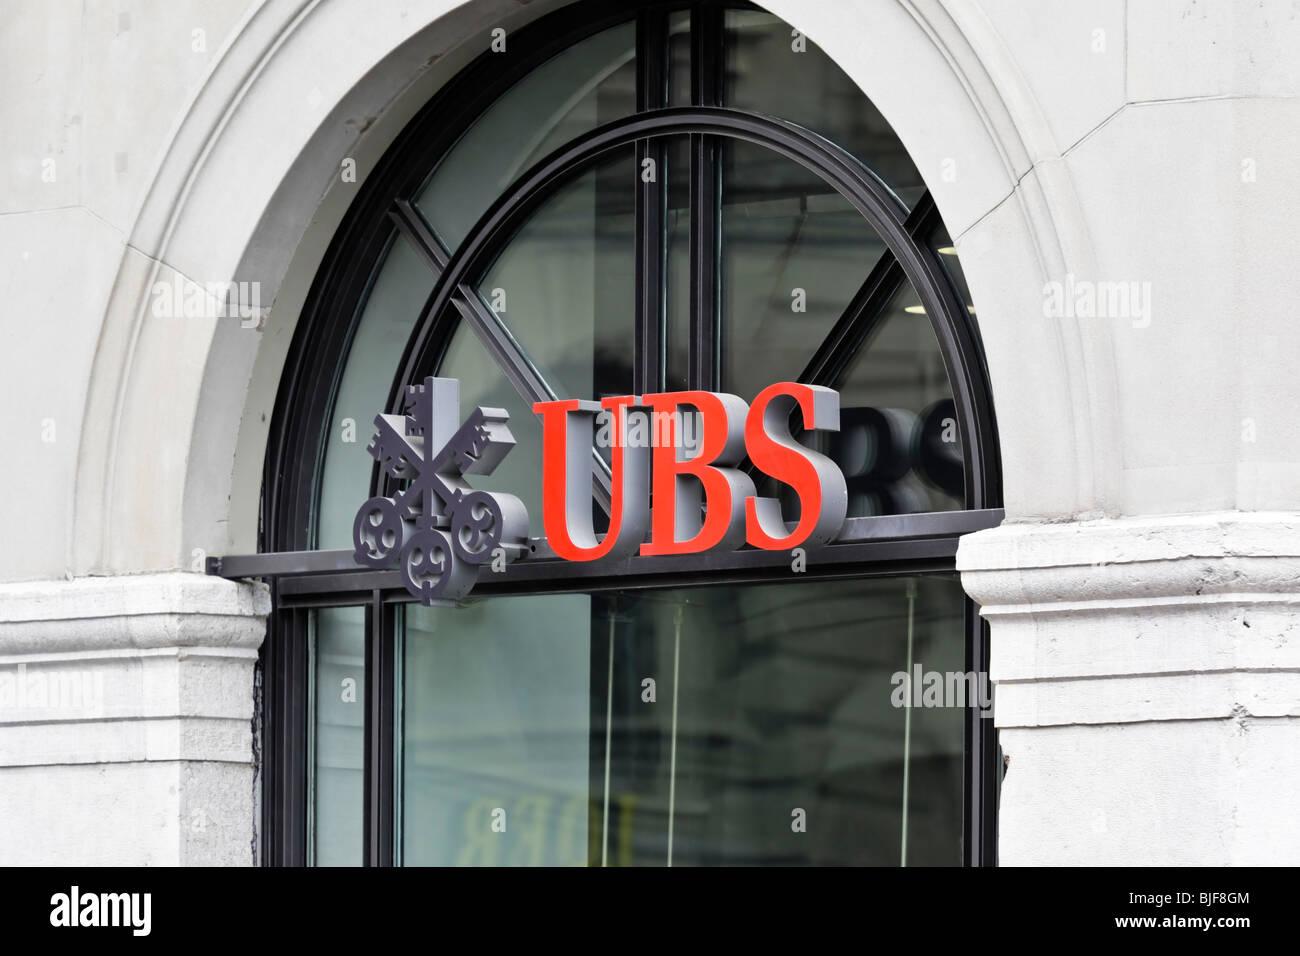 Logo swiss bank ubs stock photos logo swiss bank ubs stock ubs bank sign bern switzerland charles lupica stock image buycottarizona Image collections